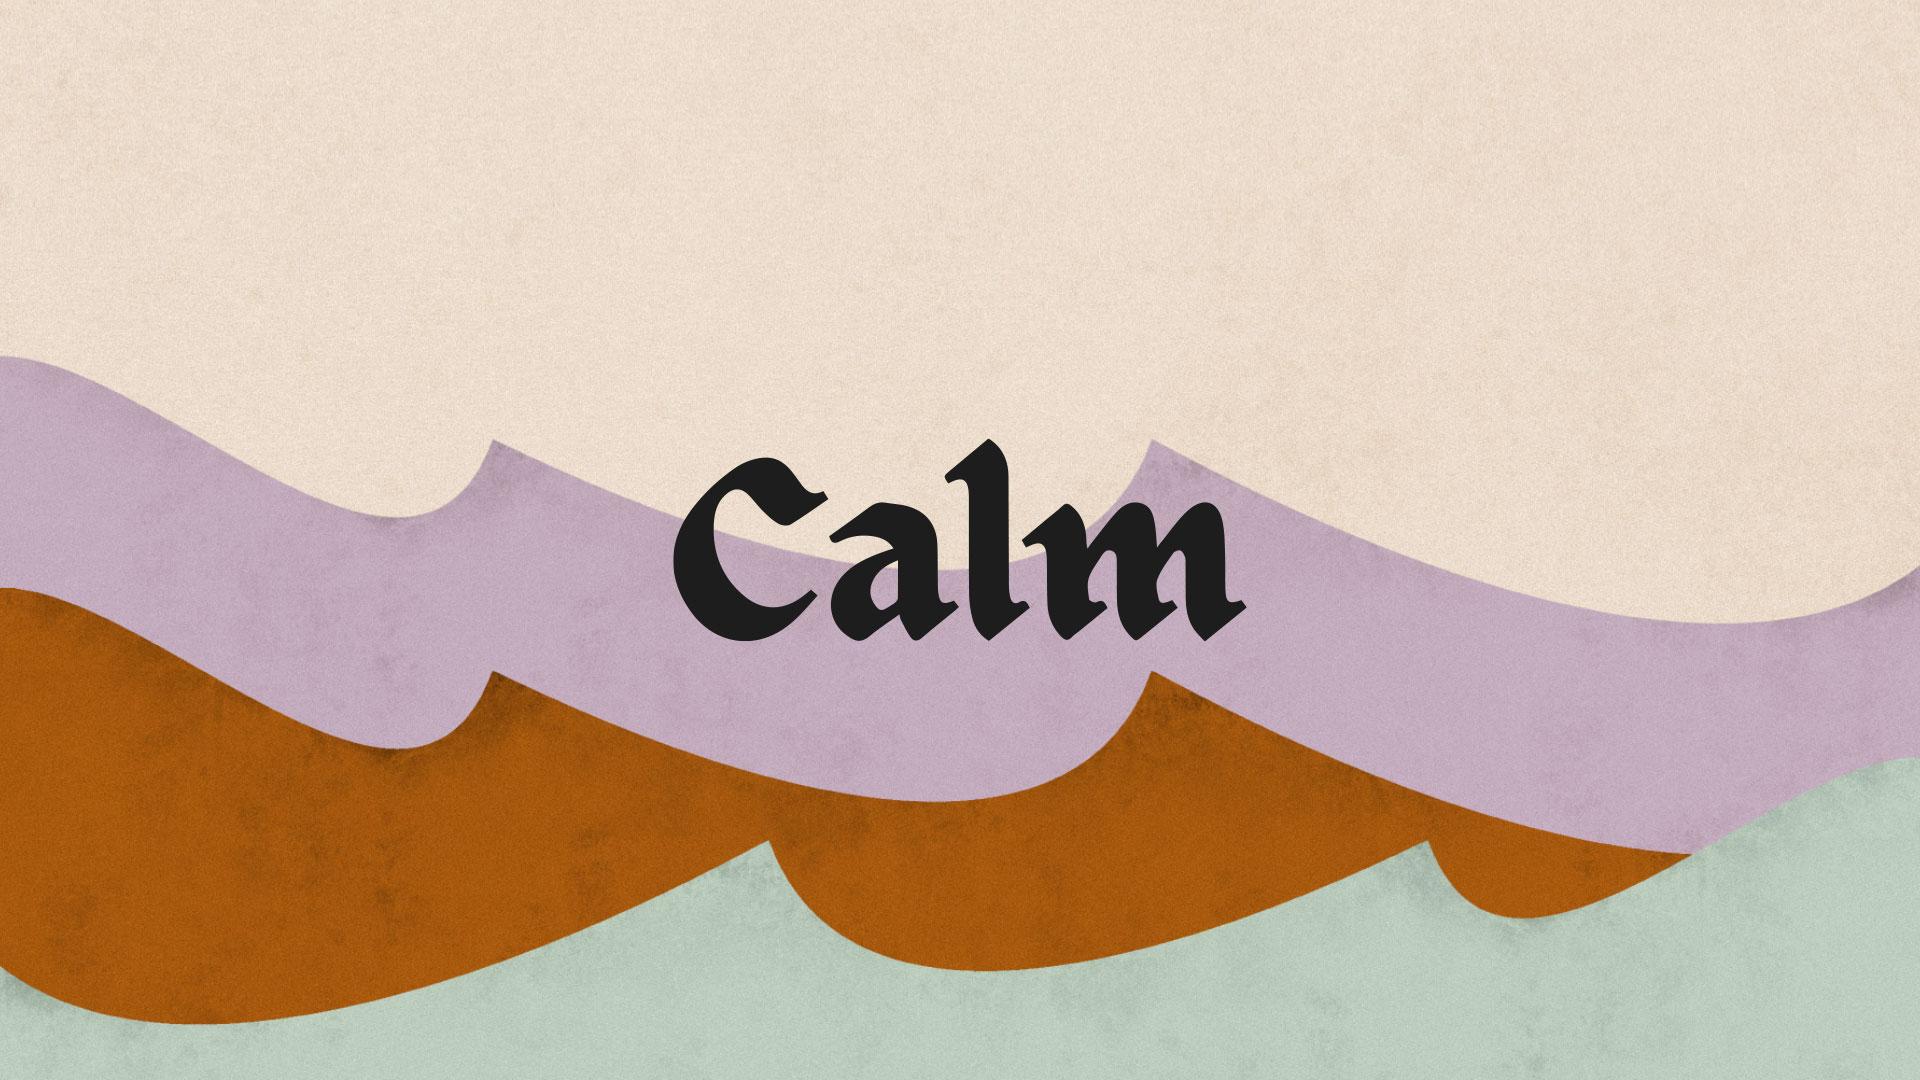 Series: Calm